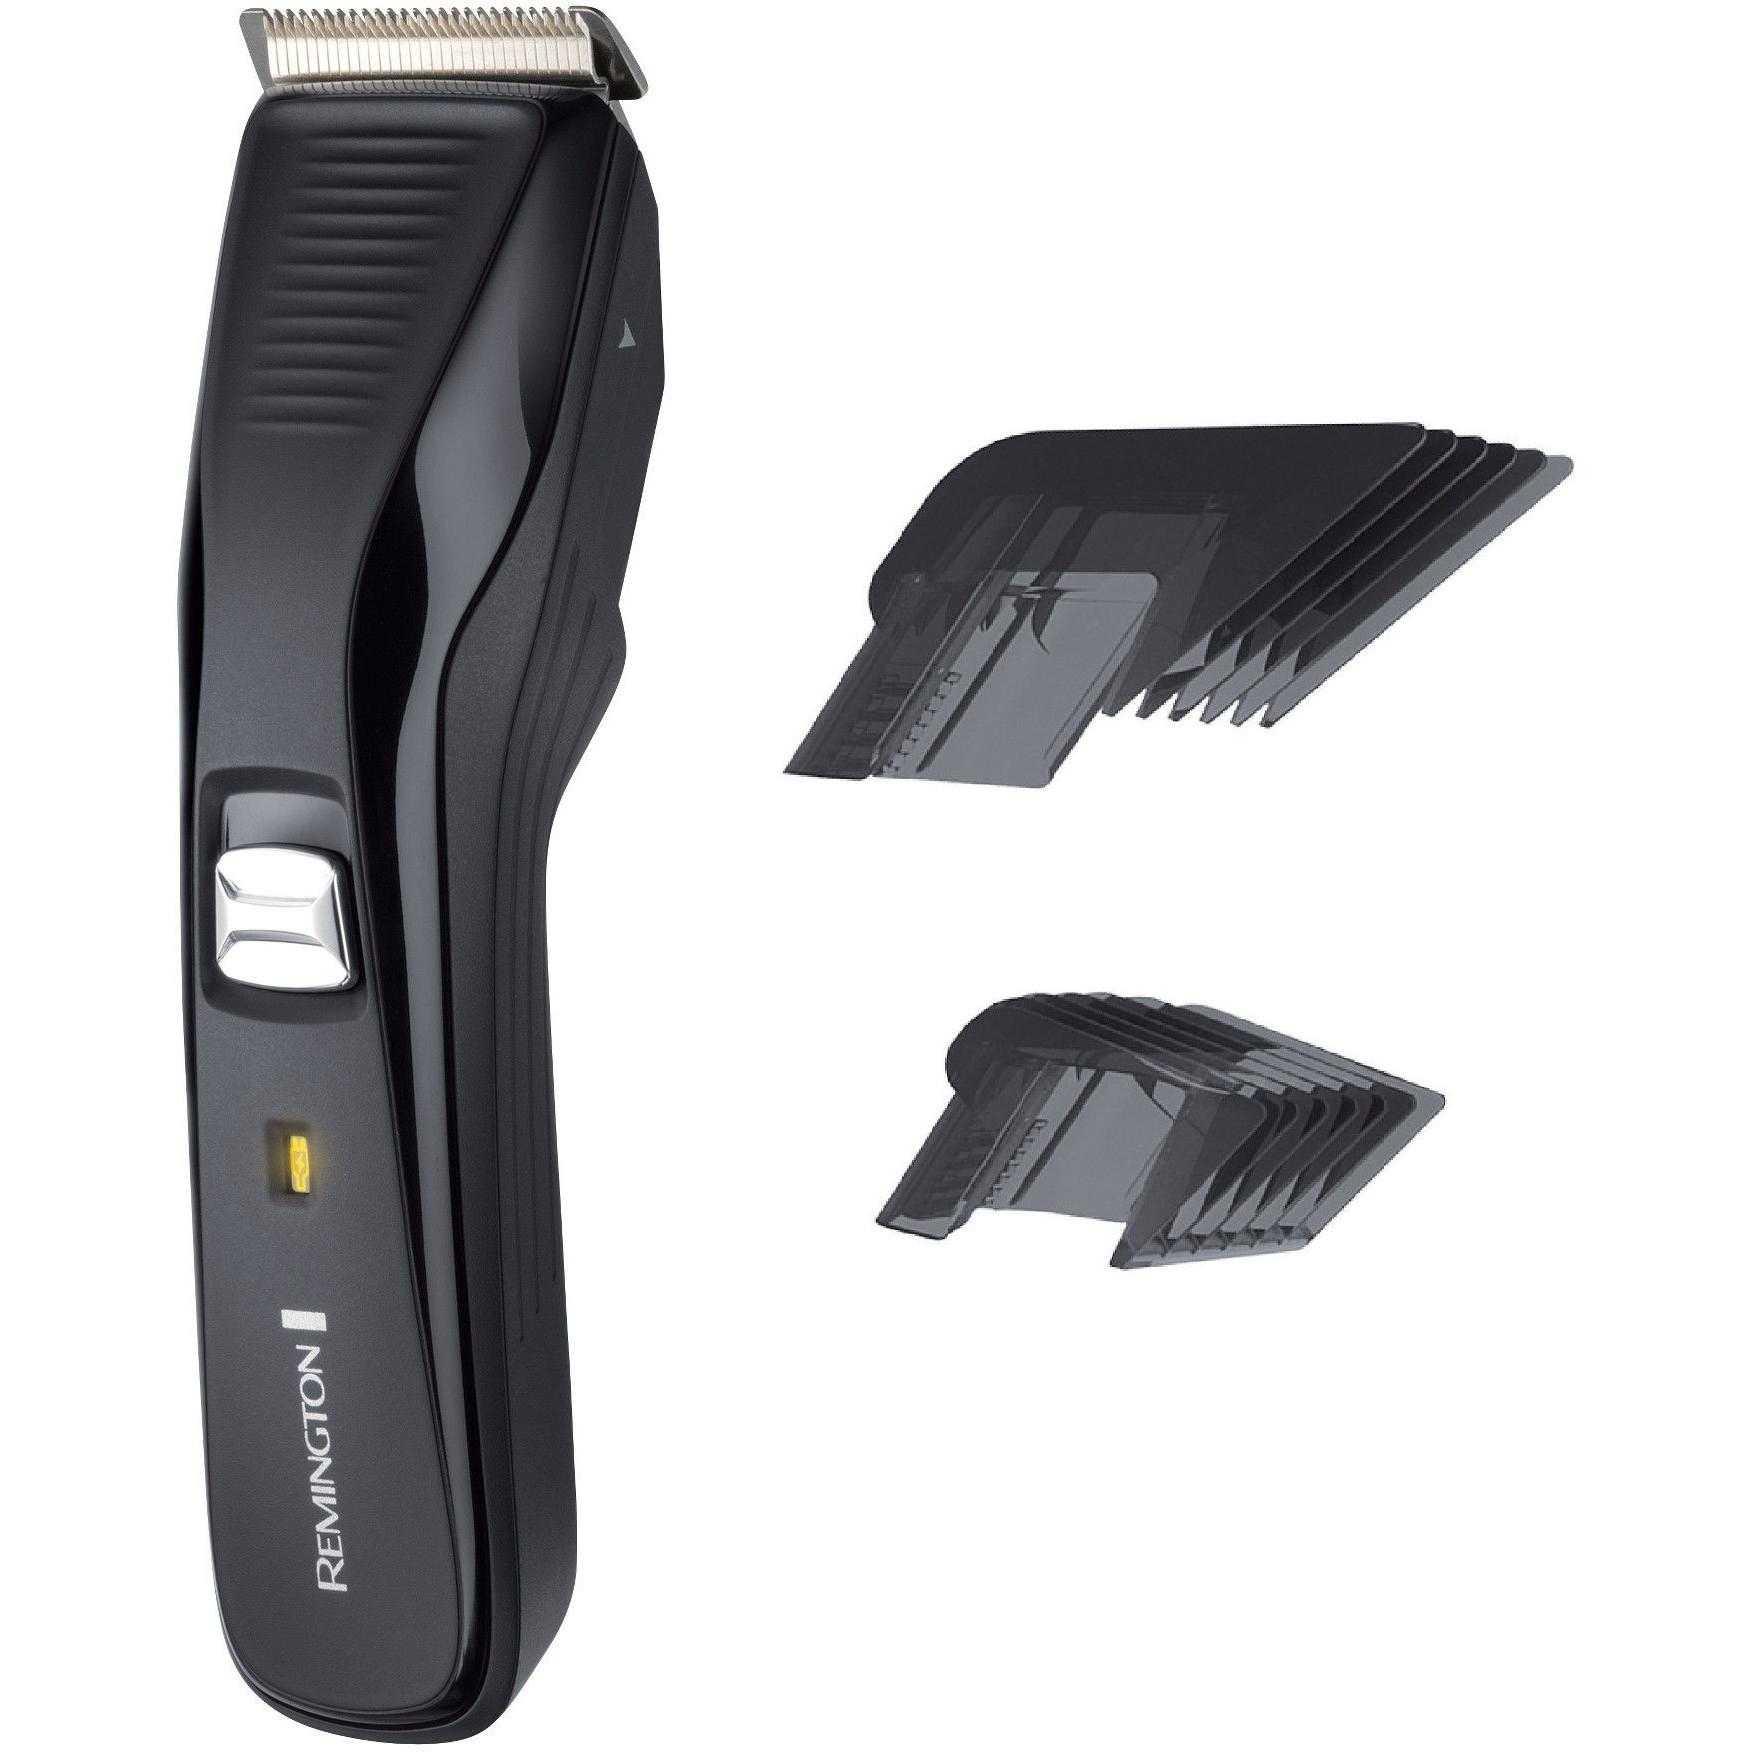 Aparat de tuns parul si barba Remington HC5200, Acumulator, 3-42 mm, Negru